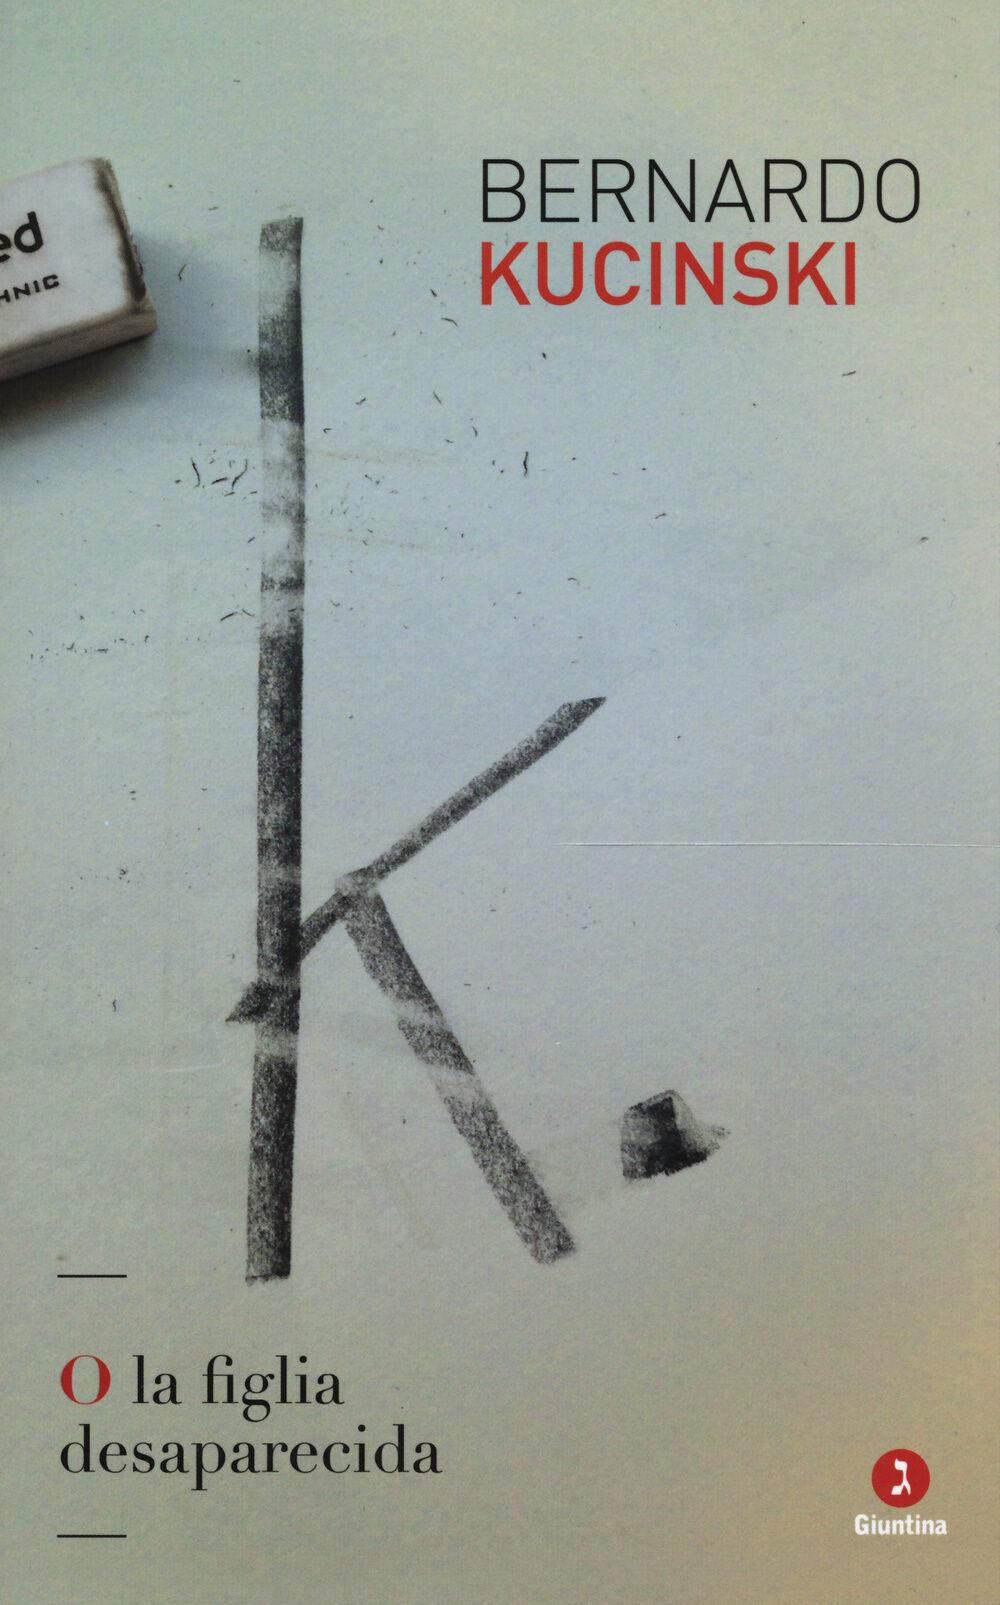 K. O la figlia desaparecida